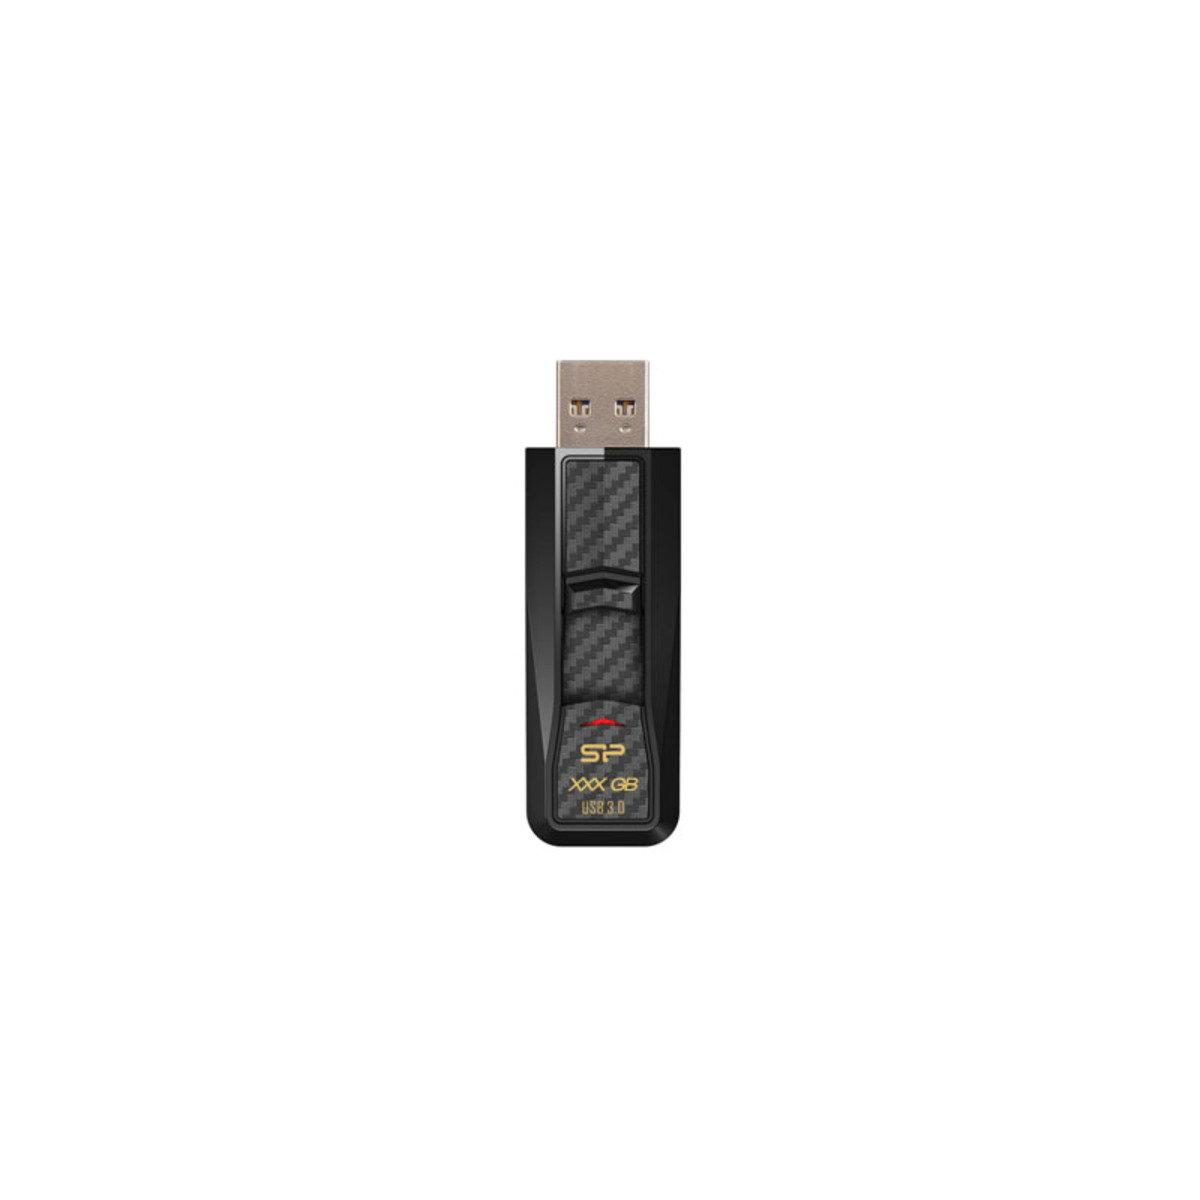 高速USB3.0快閃記憶棒 64GB Blaze B50 黑色